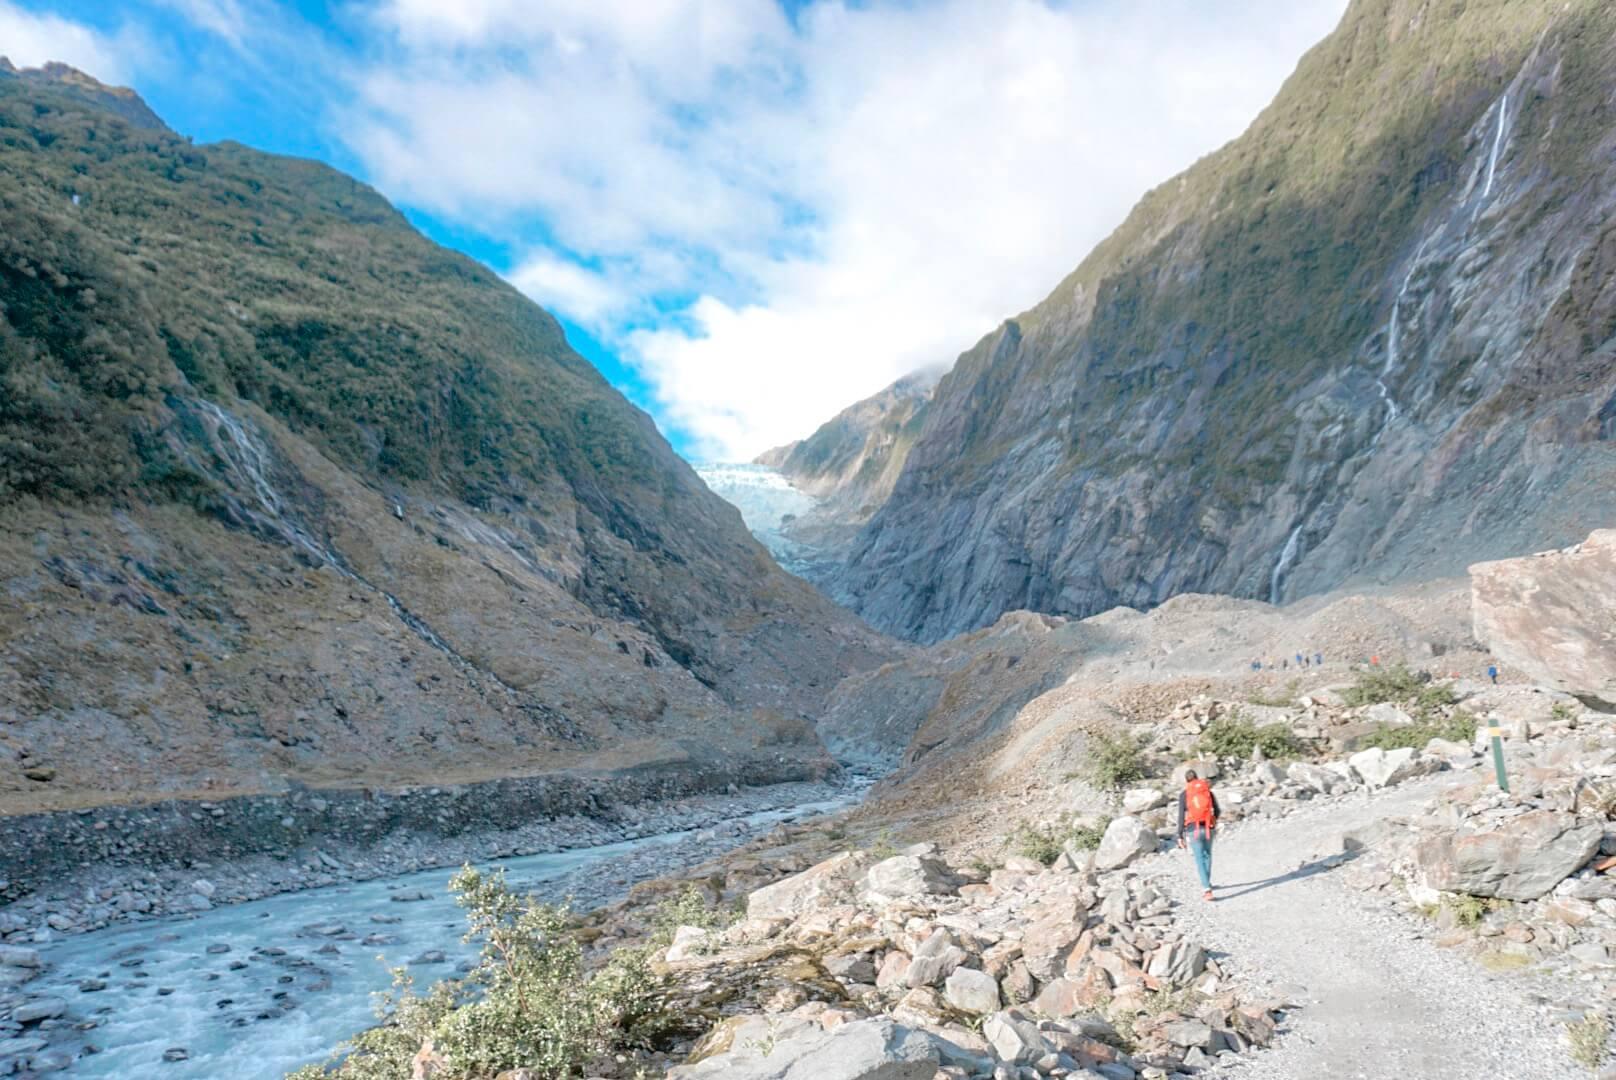 Marcher sur le sentier du glacier Franz Joseph